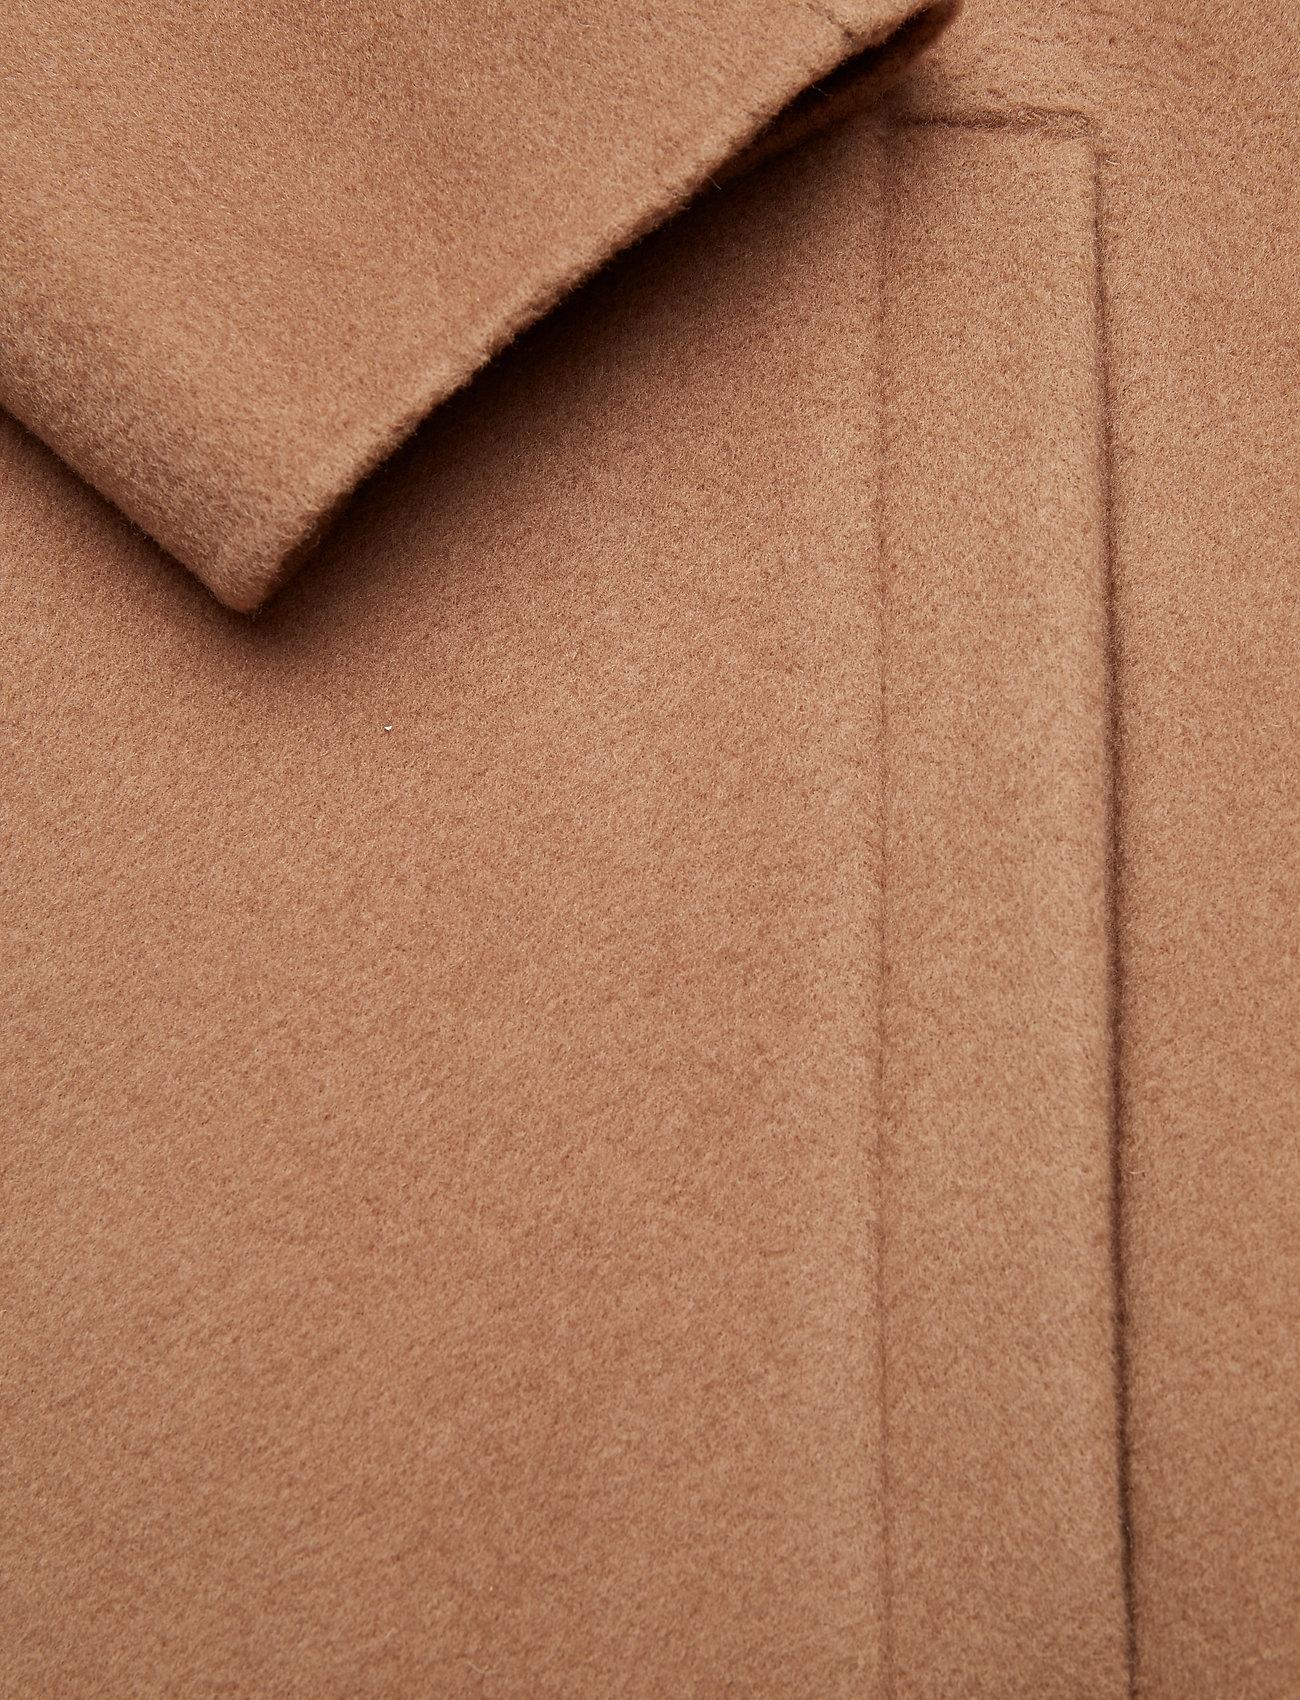 Filippa K M. Luke Doubleface Coat - Jackor & Rockar Camel